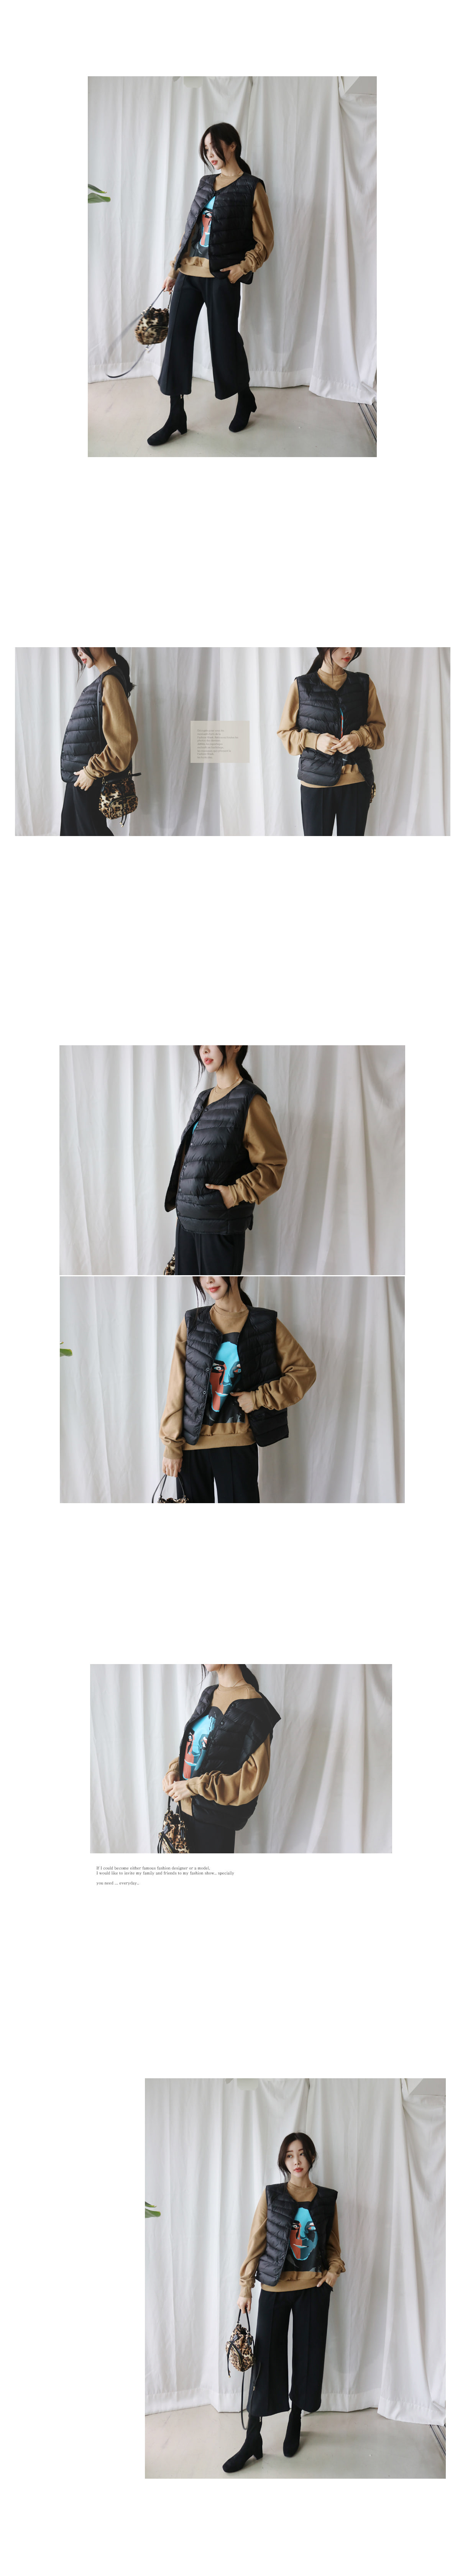 1031-2_shop1_012837.jpg